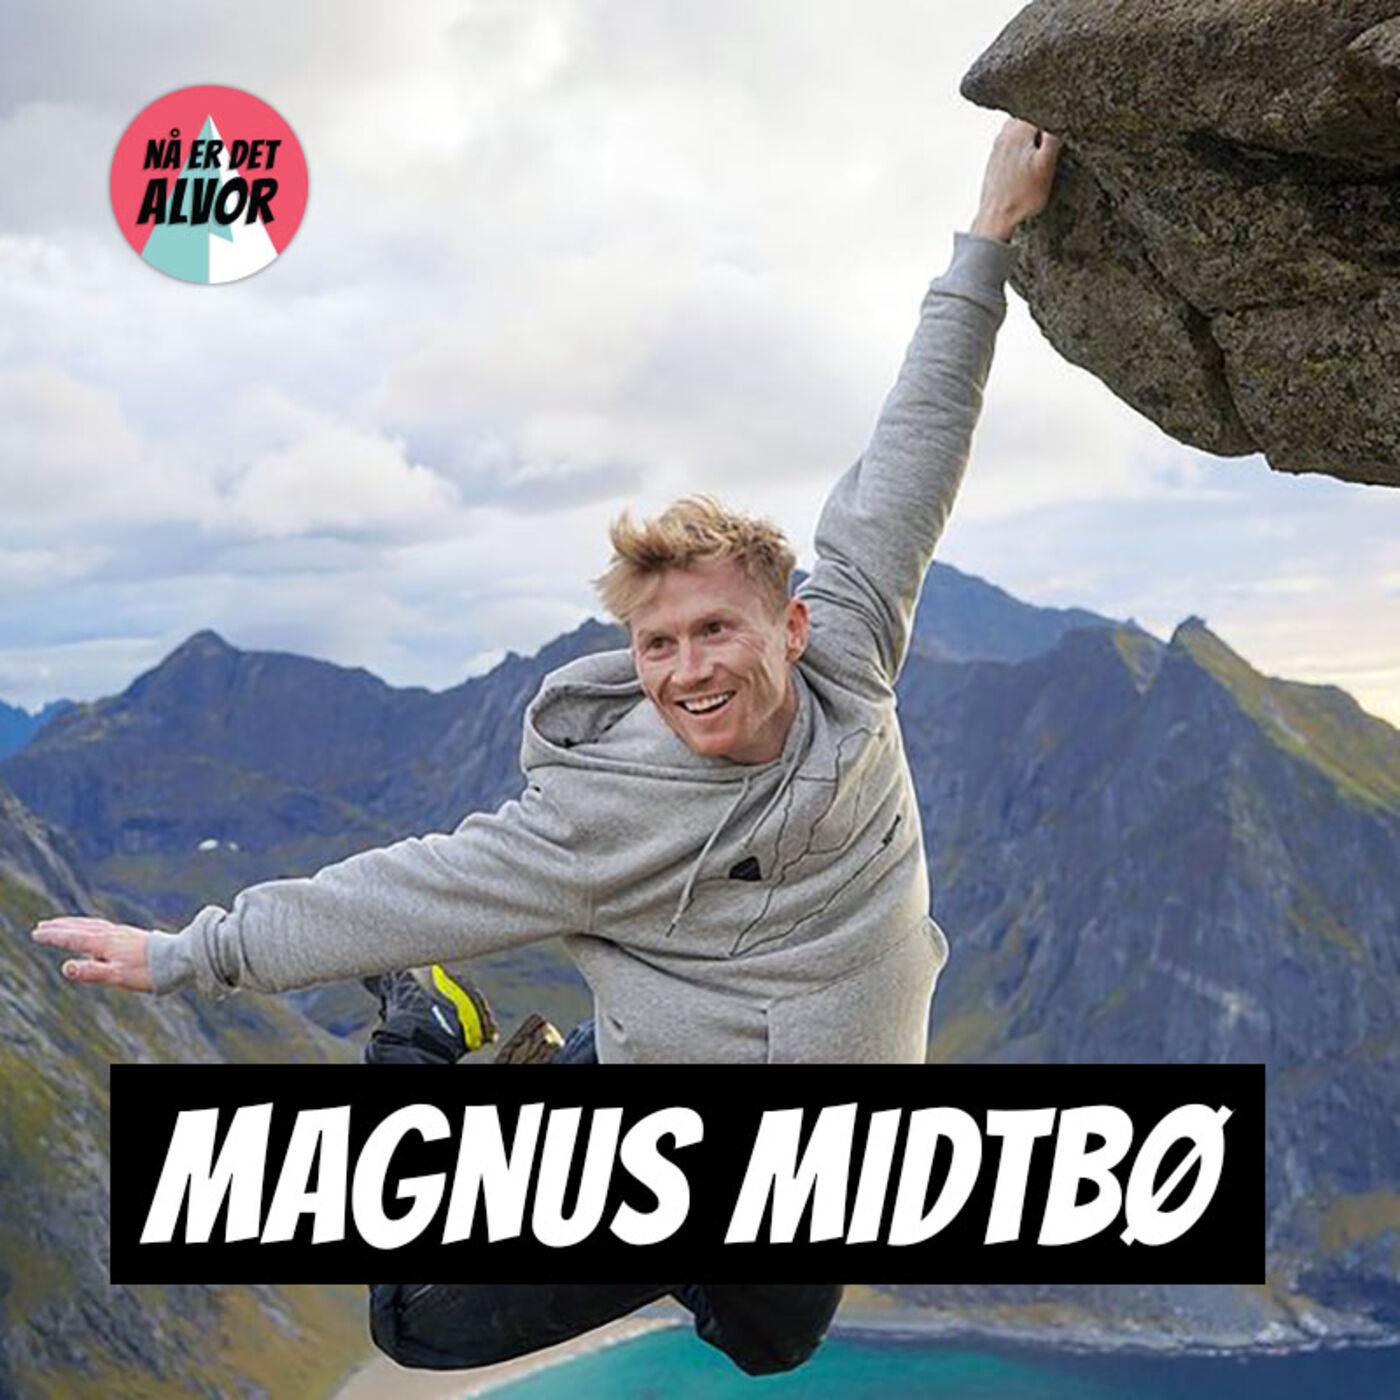 #125 - Magnus Midtbø | Mesternes Mester, Spiseforstyrrelser, Janteloven, YouTube, Rúgne, Løping, Treningsfilosofi, OL, Insbruck